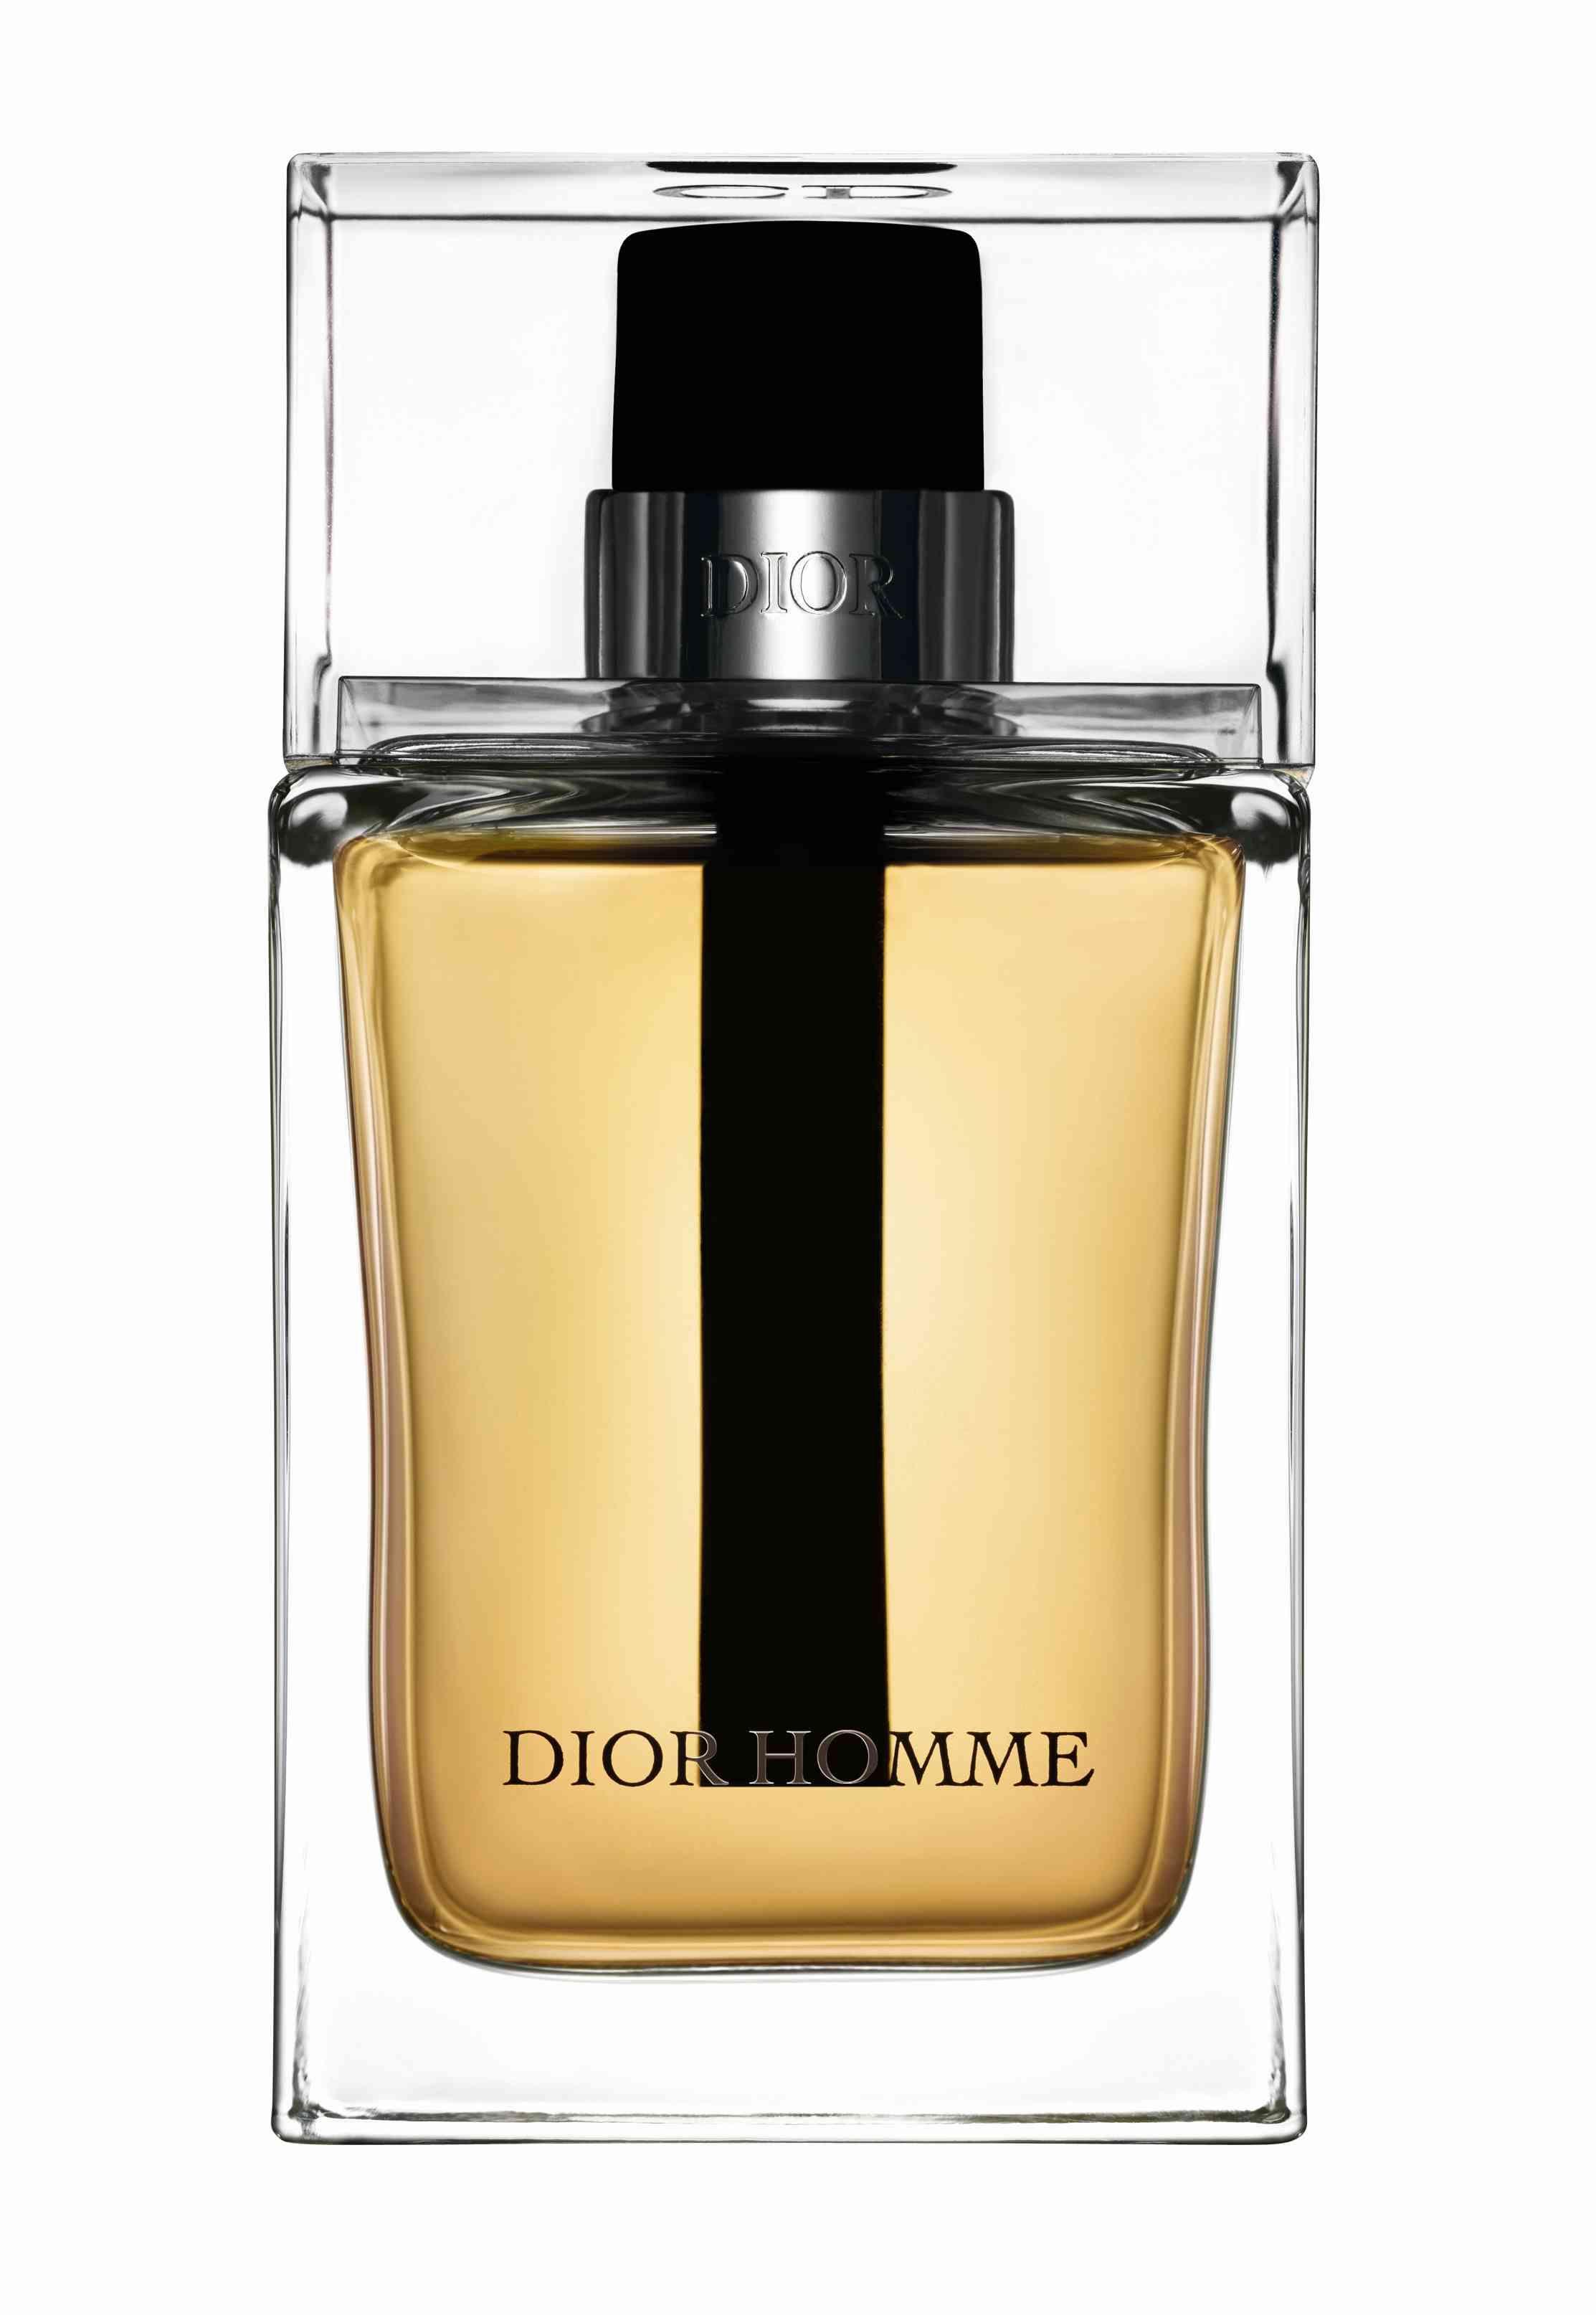 Dior Homme Christian Dior Colonia - una fragancia para Hombres 2011 Las  Notas de Salida son lavanda, salvia y bergamota  las Notas de Corazón son  iris ... 80e45970da